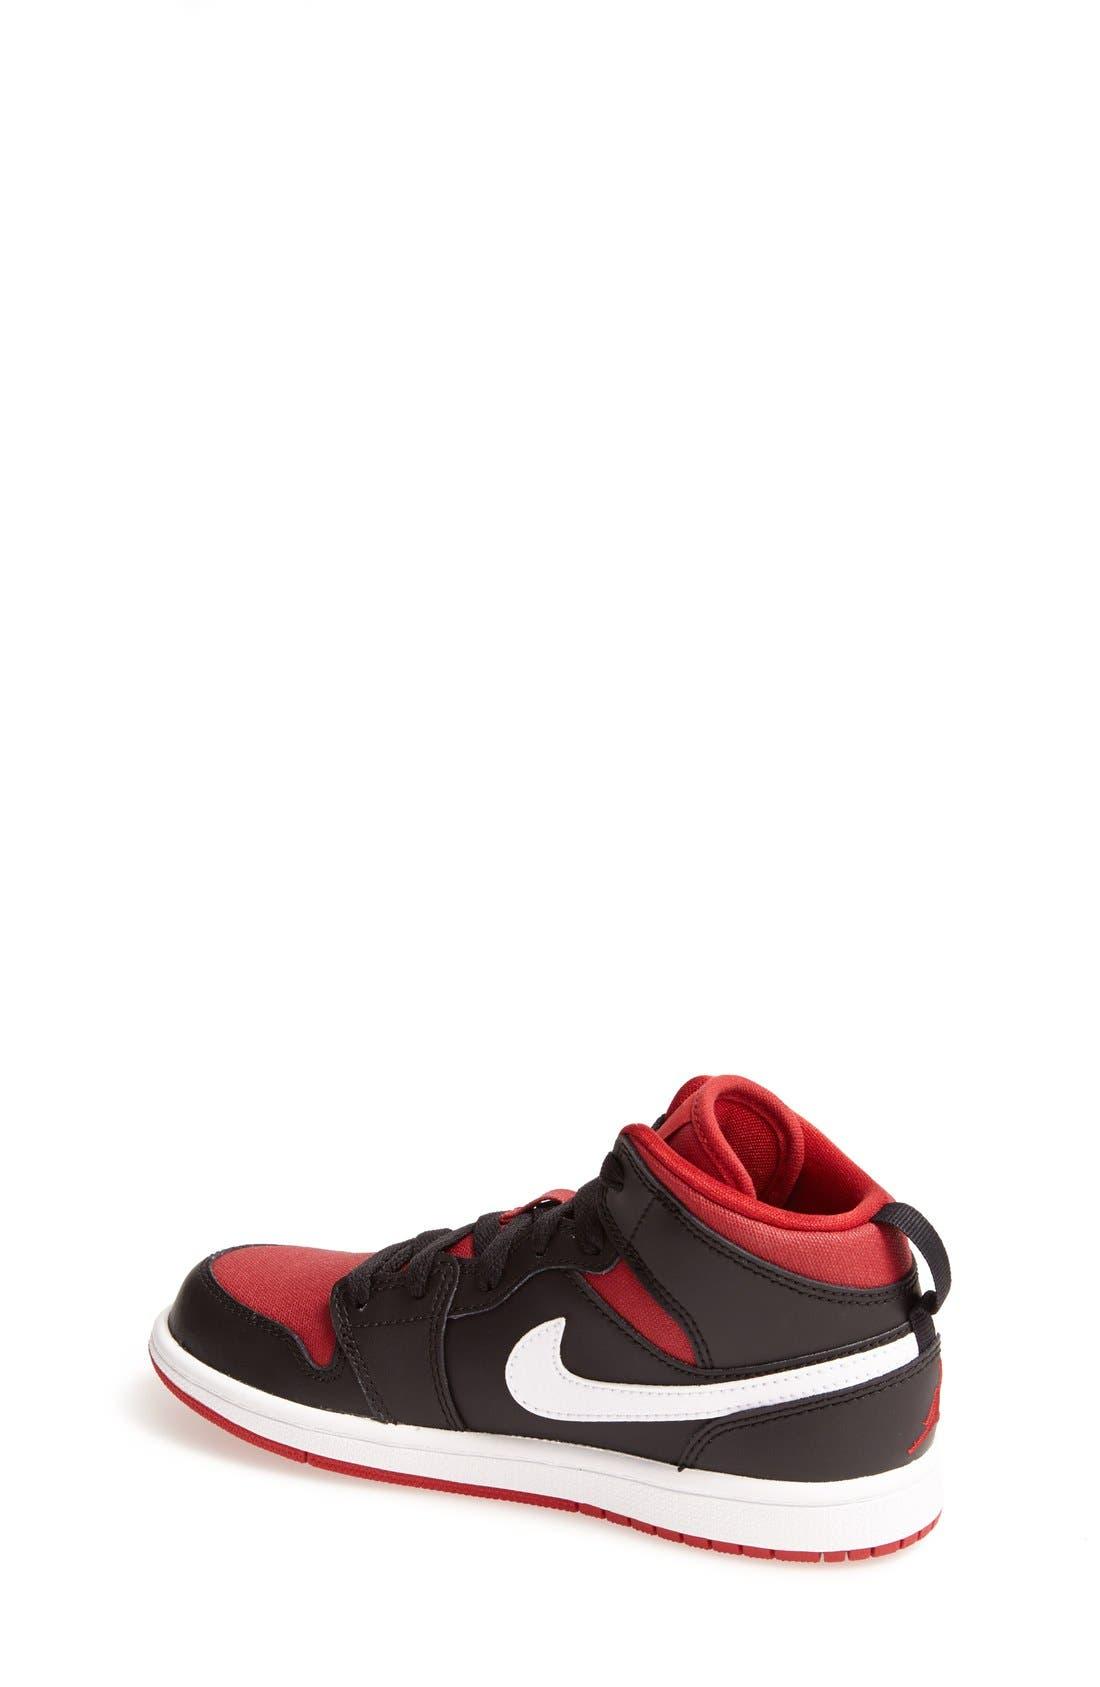 'Air Jordan 1' Mid Sneaker,                             Alternate thumbnail 3, color,                             003